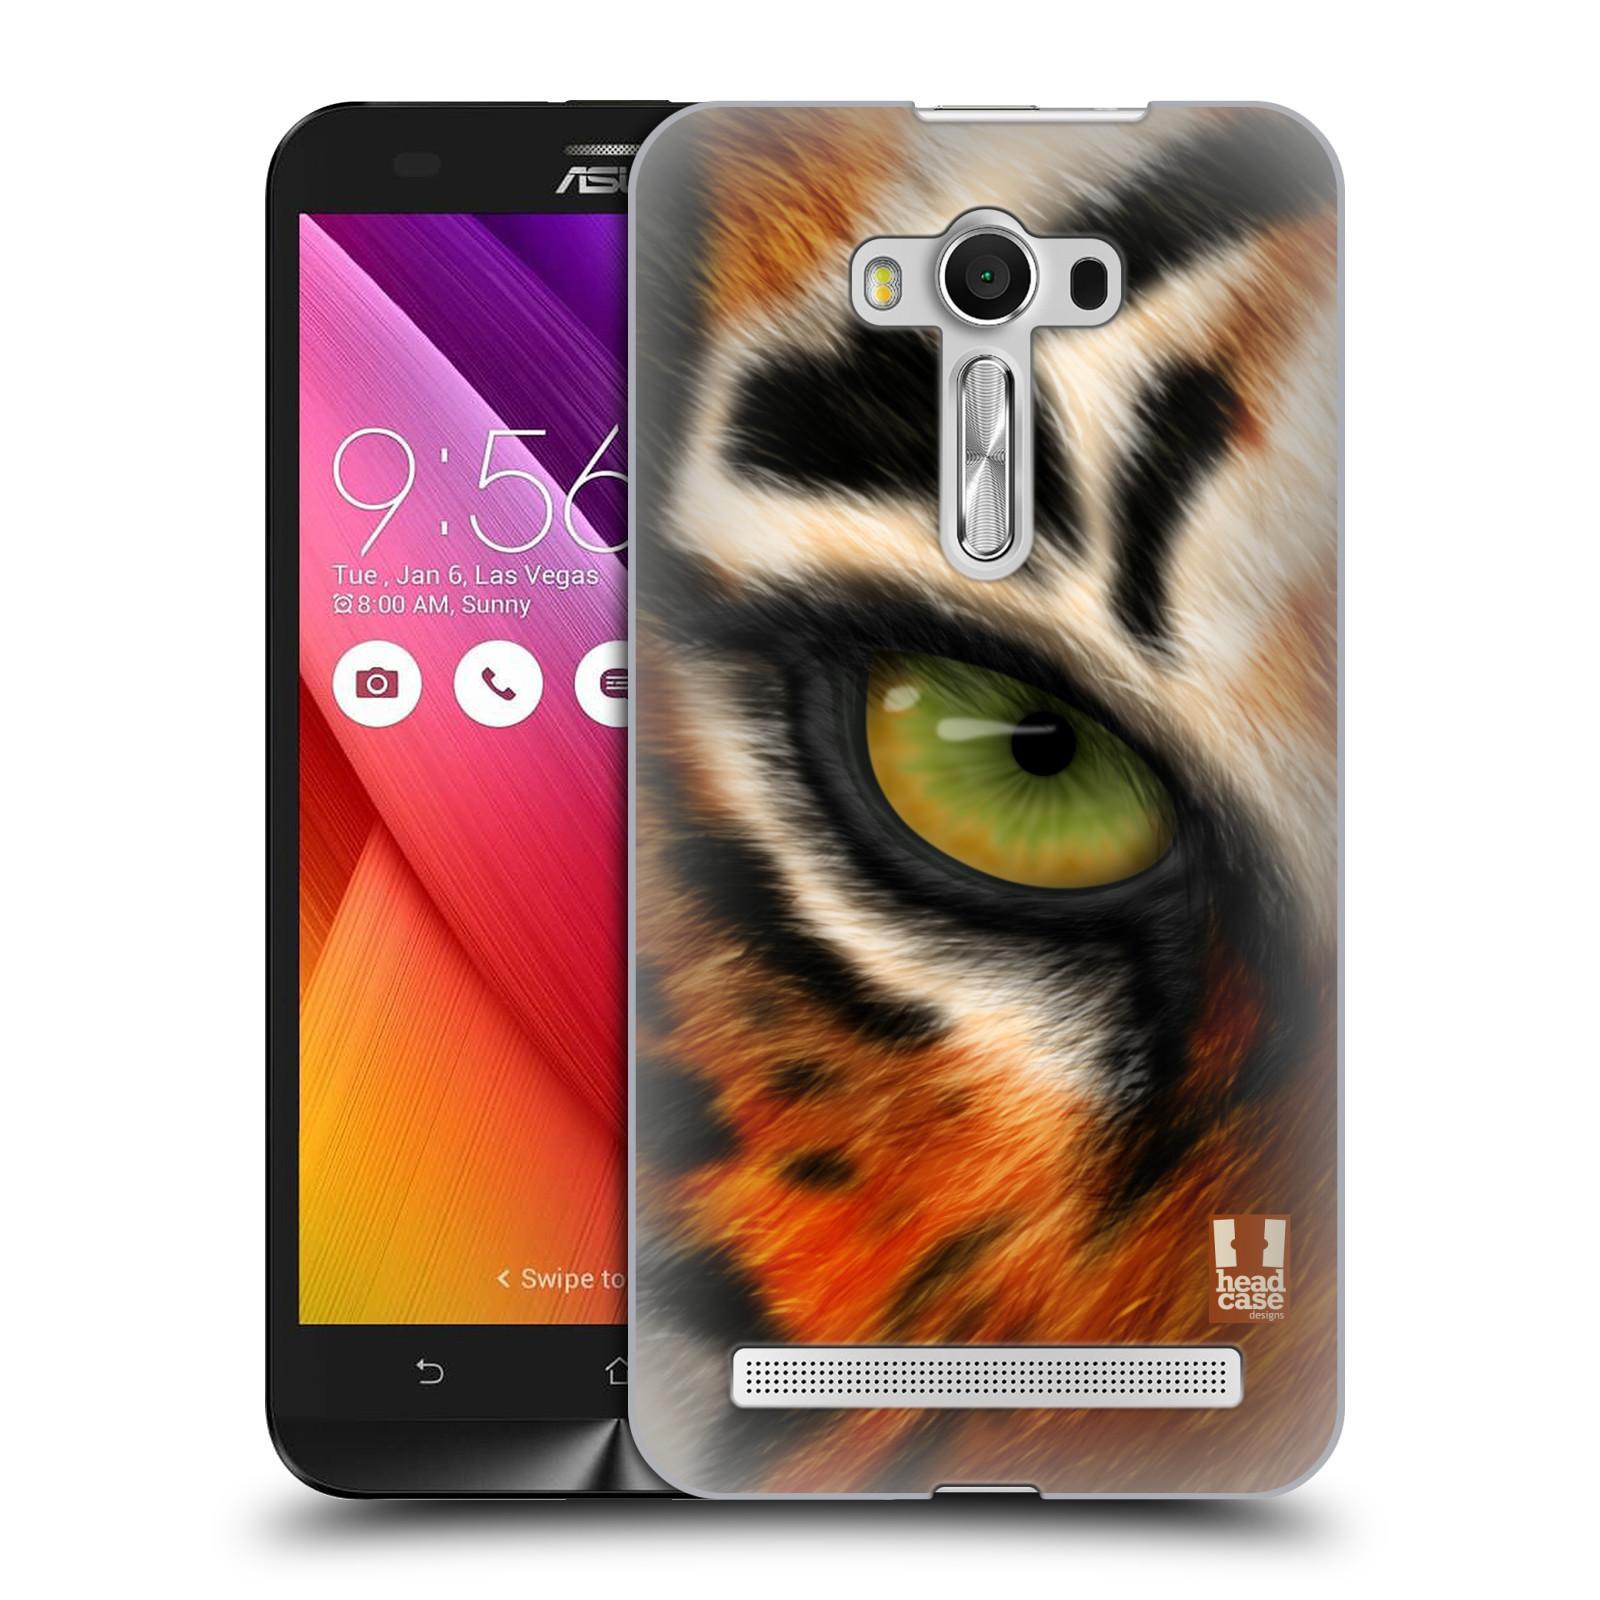 HEAD CASE plastový obal na mobil Asus Zenfone 2 LASER (5,5 displej ZE550KL) vzor pohled zvířete oko tygr